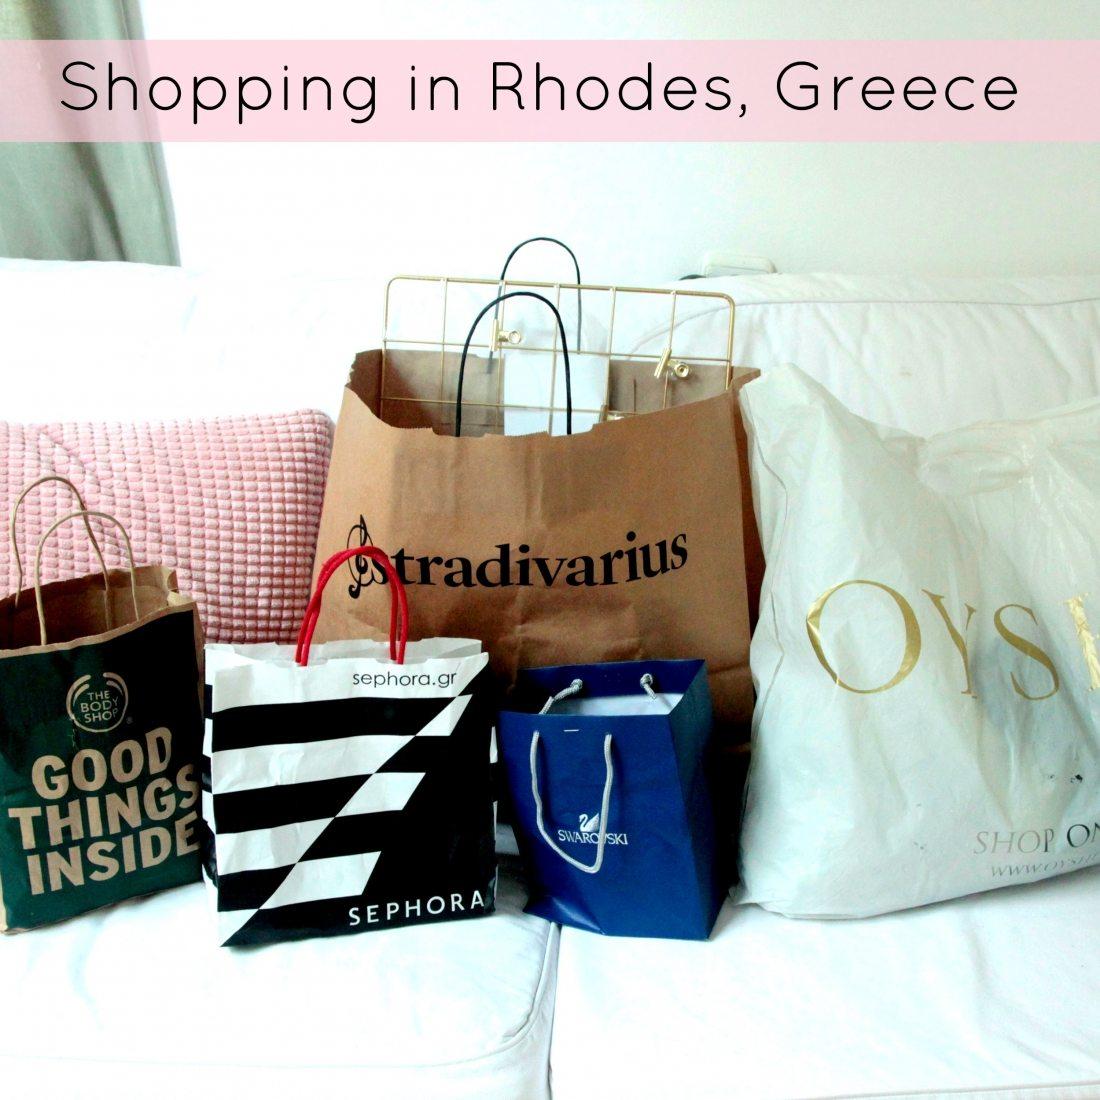 קניות ברודוס, יוון | Shopping in Rhodes, Greece